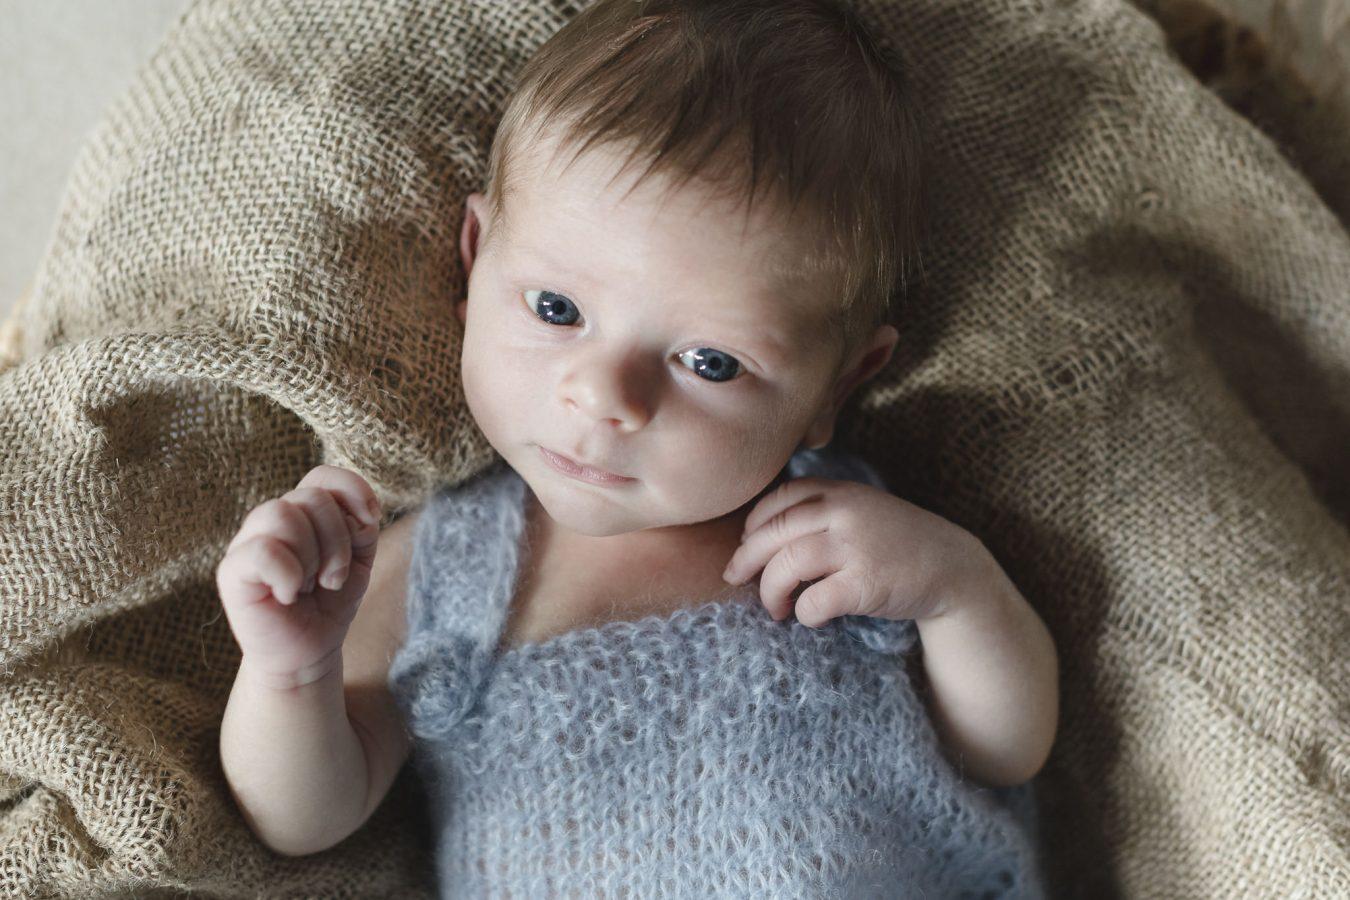 Babyfotograf Hamburg - Baby liegt auf Jutedecke und schaut neugierig in die Kamera